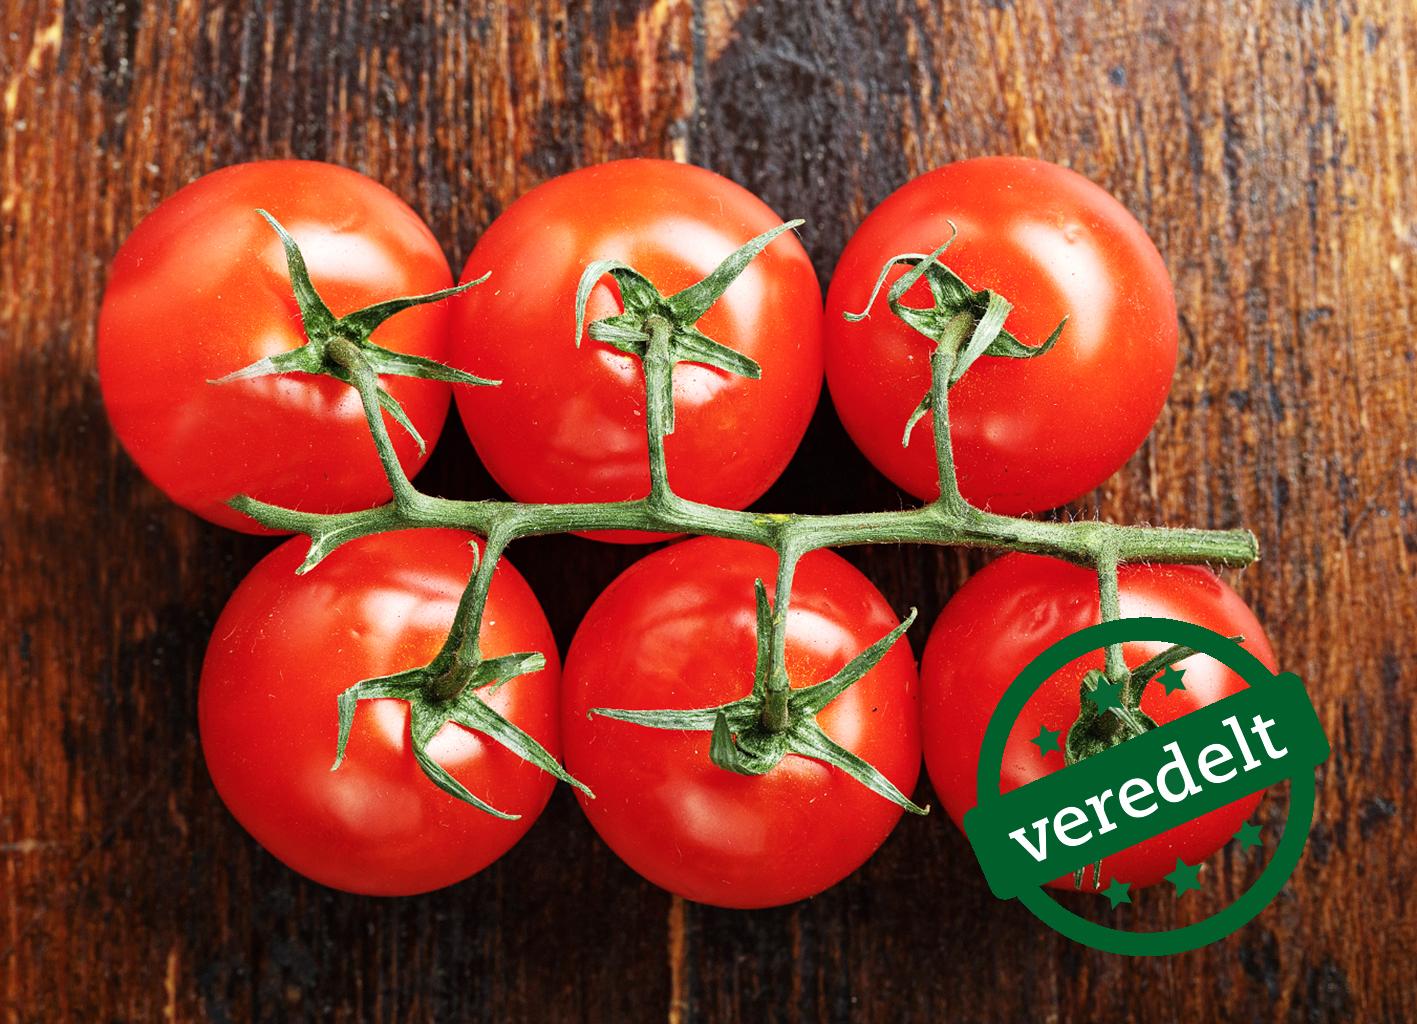 Sechs leuchtend rote 'Rougella'-Bio-Tomaten hängen in einer Traube am Stiel